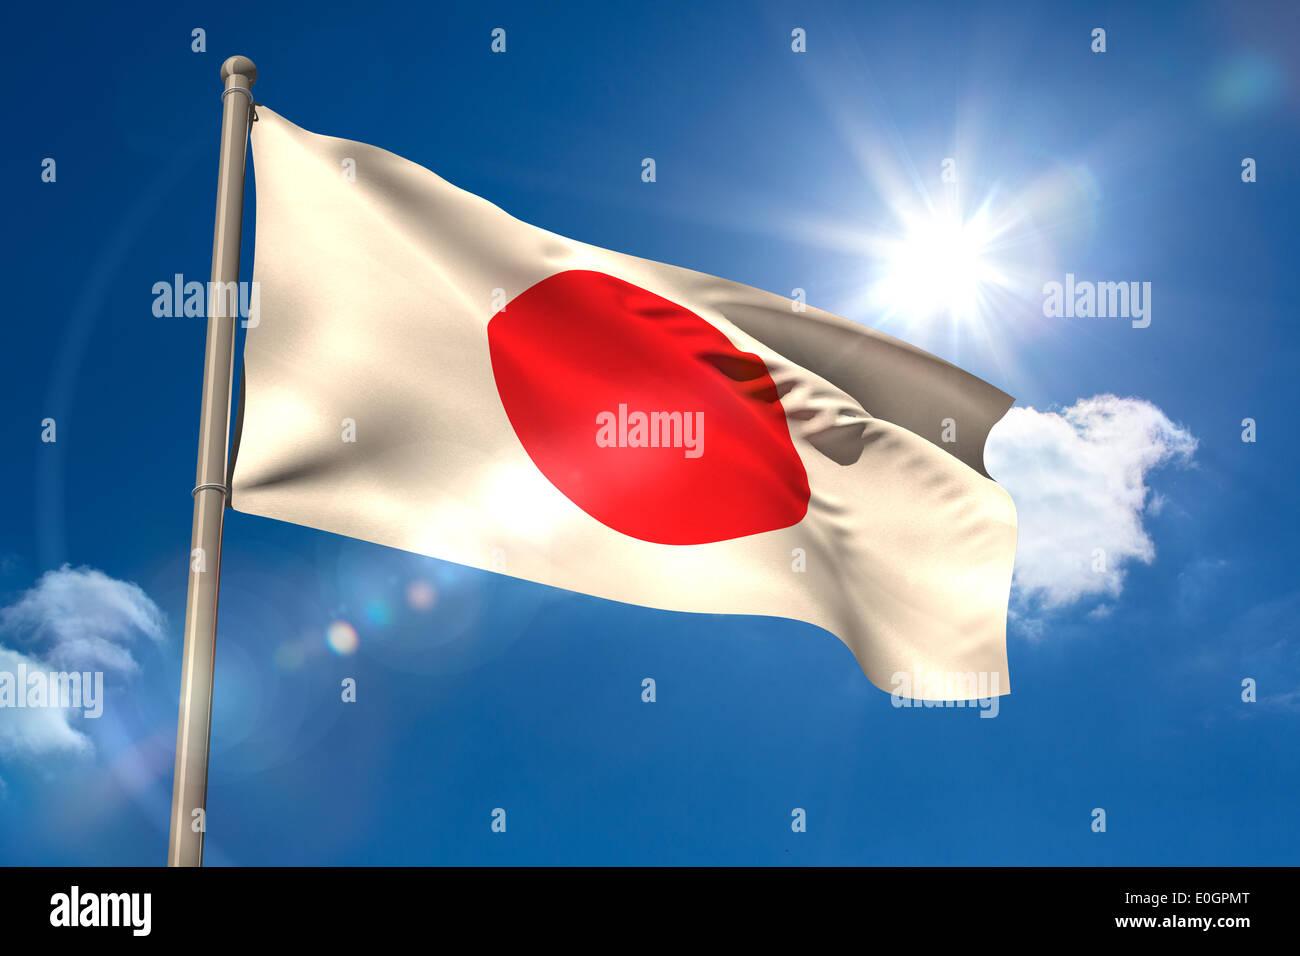 Japan national flag on flagpole - Stock Image